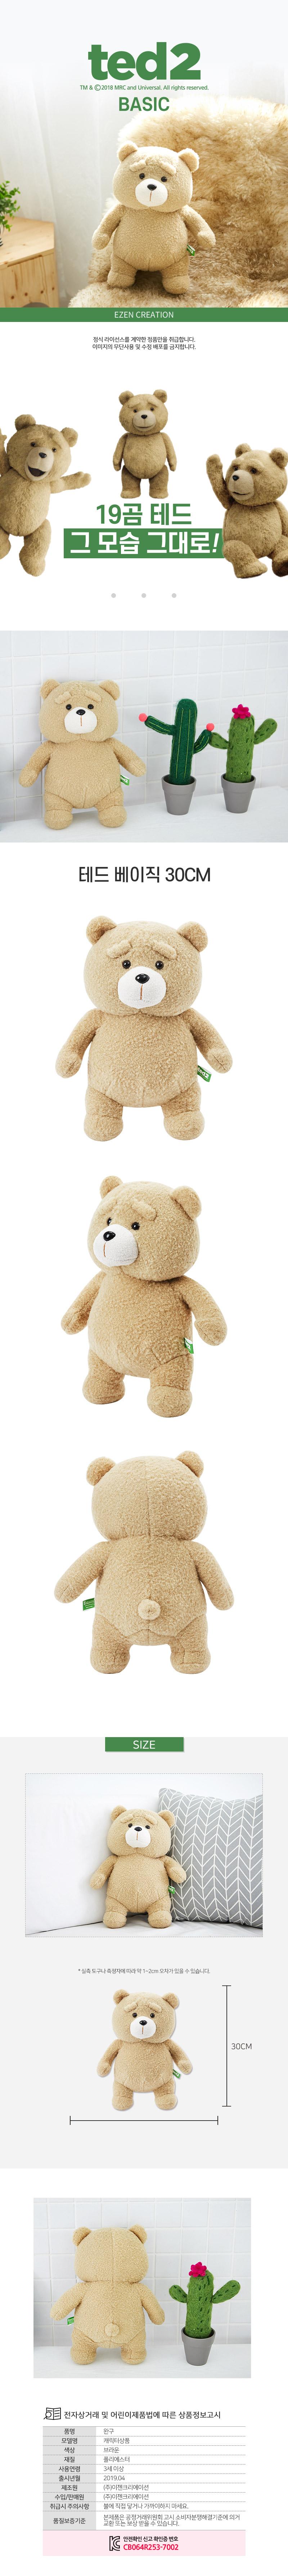 19곰테드 기본 베이직 테드 곰인형 30CM - 이젠돌스, 16,000원, 캐릭터인형, 기타 캐릭터 인형